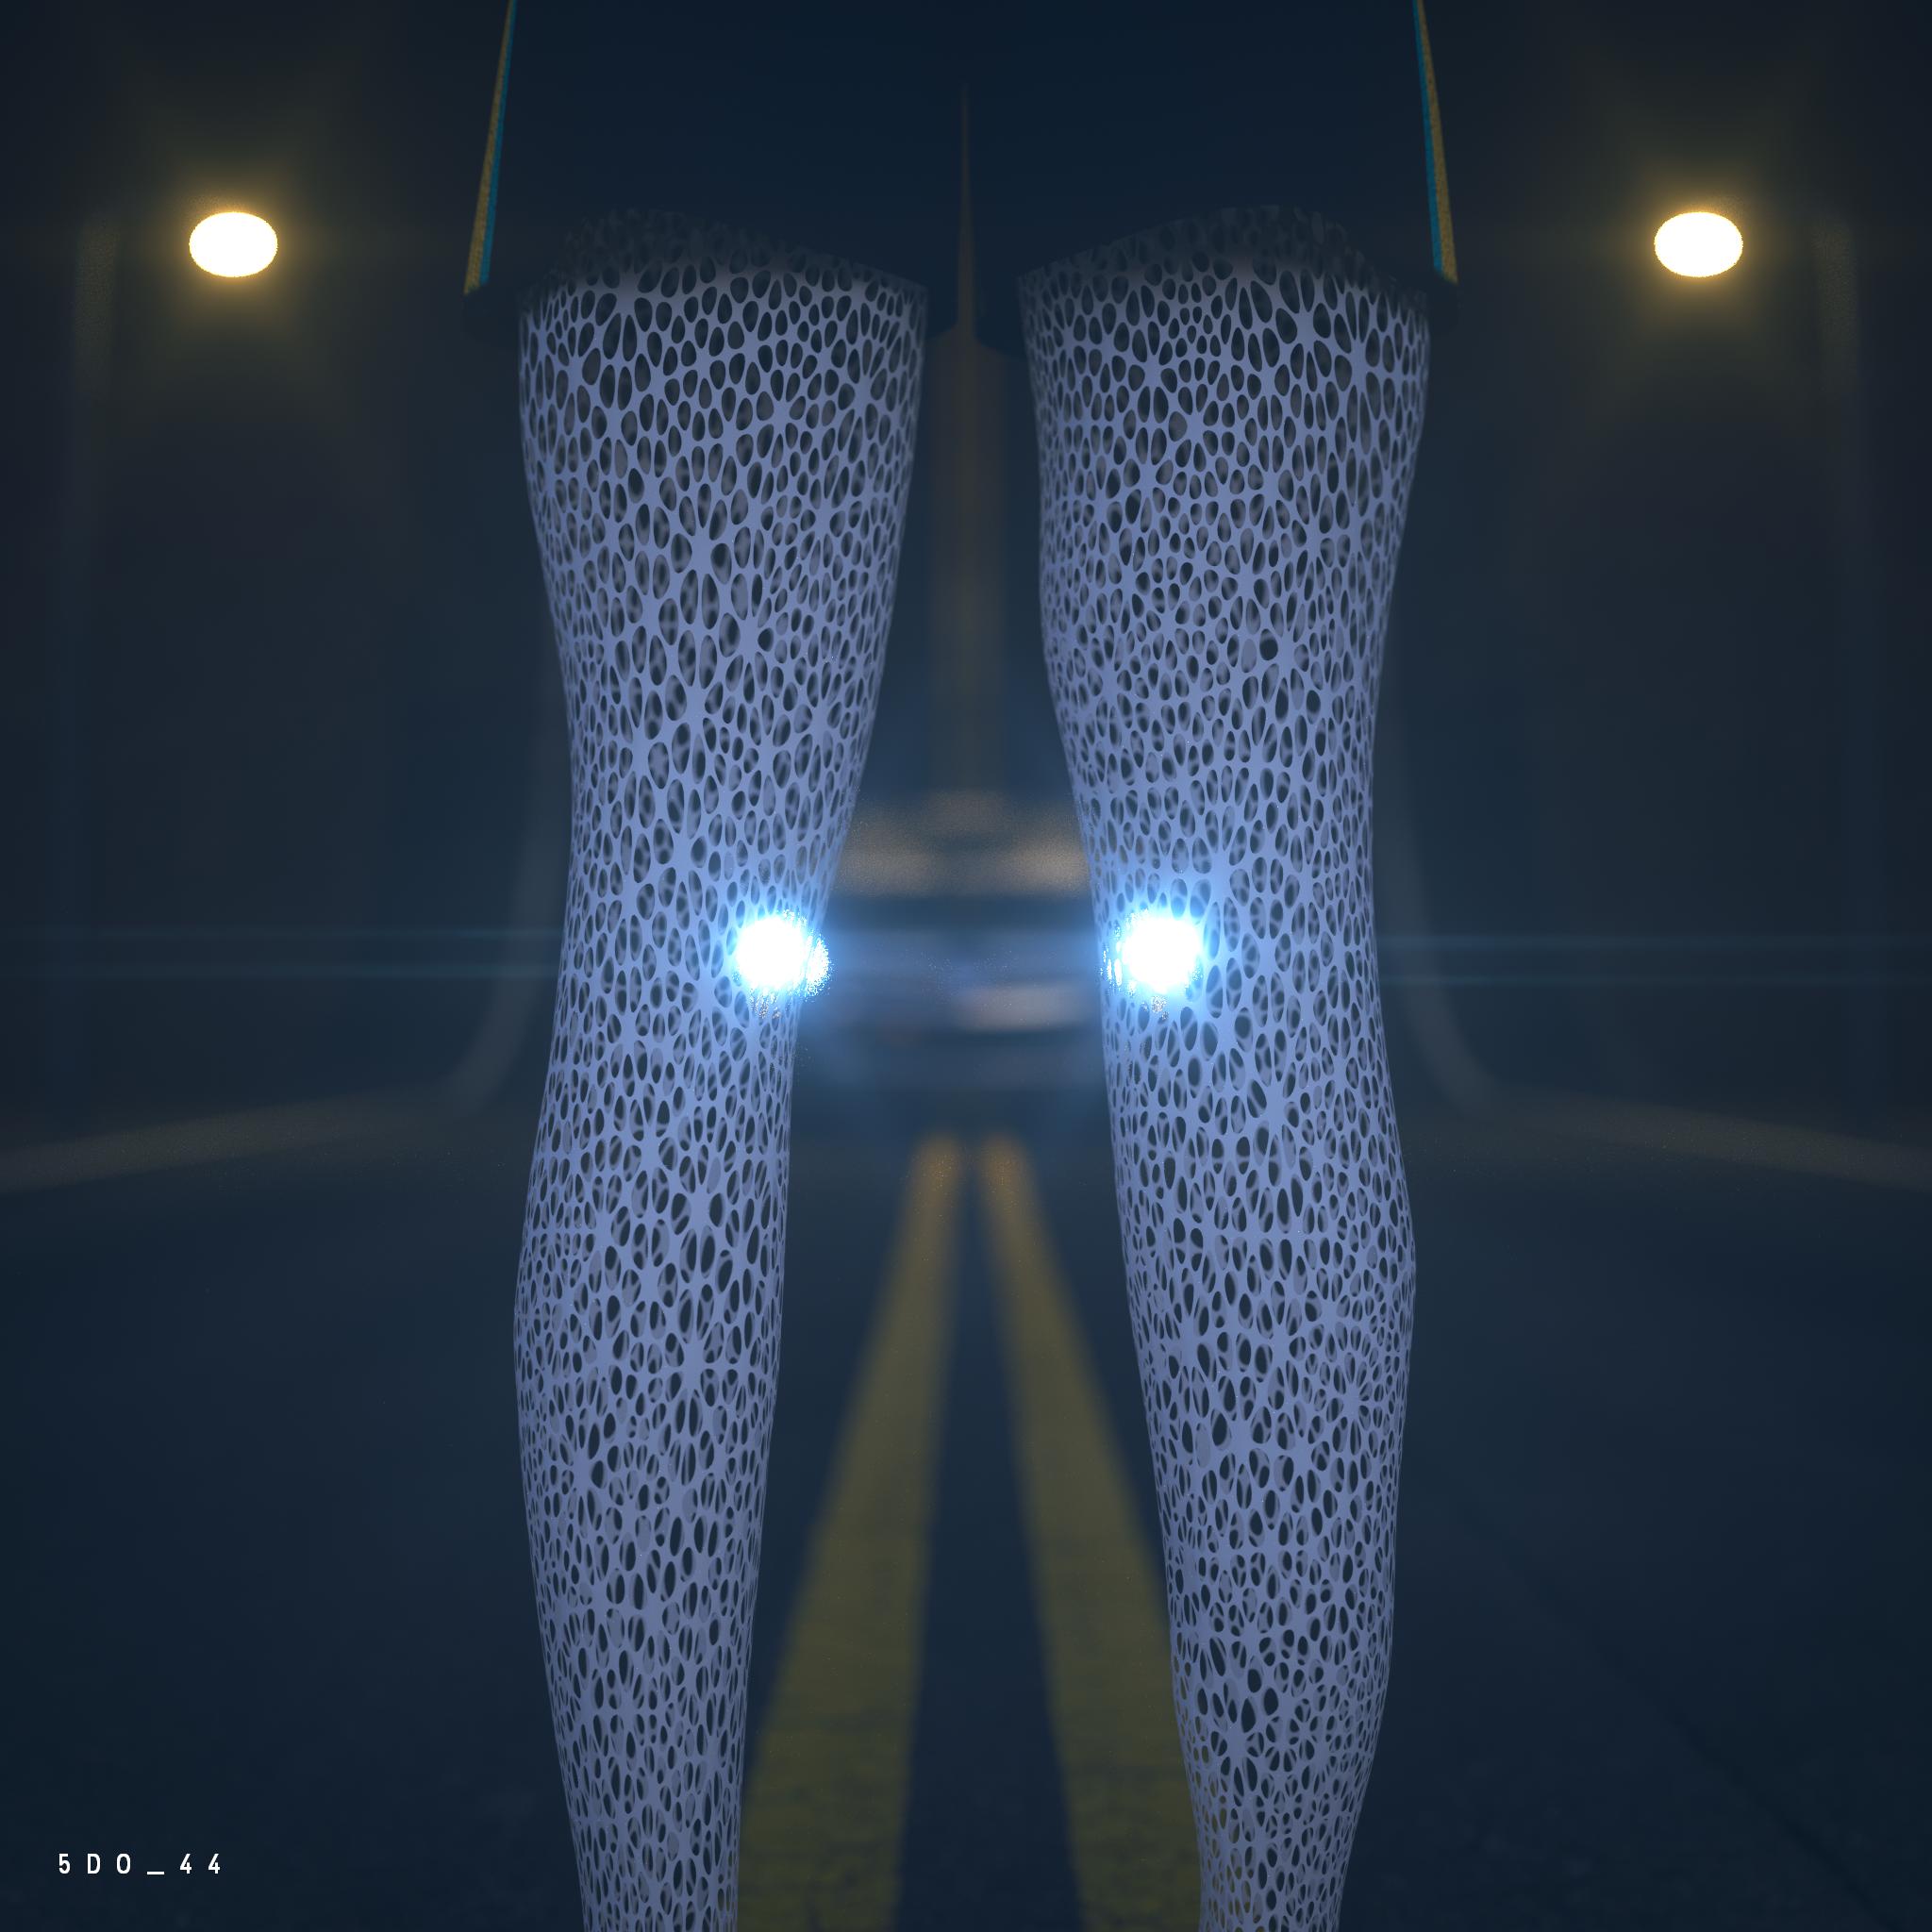 5DO_4_Legs_v01.png